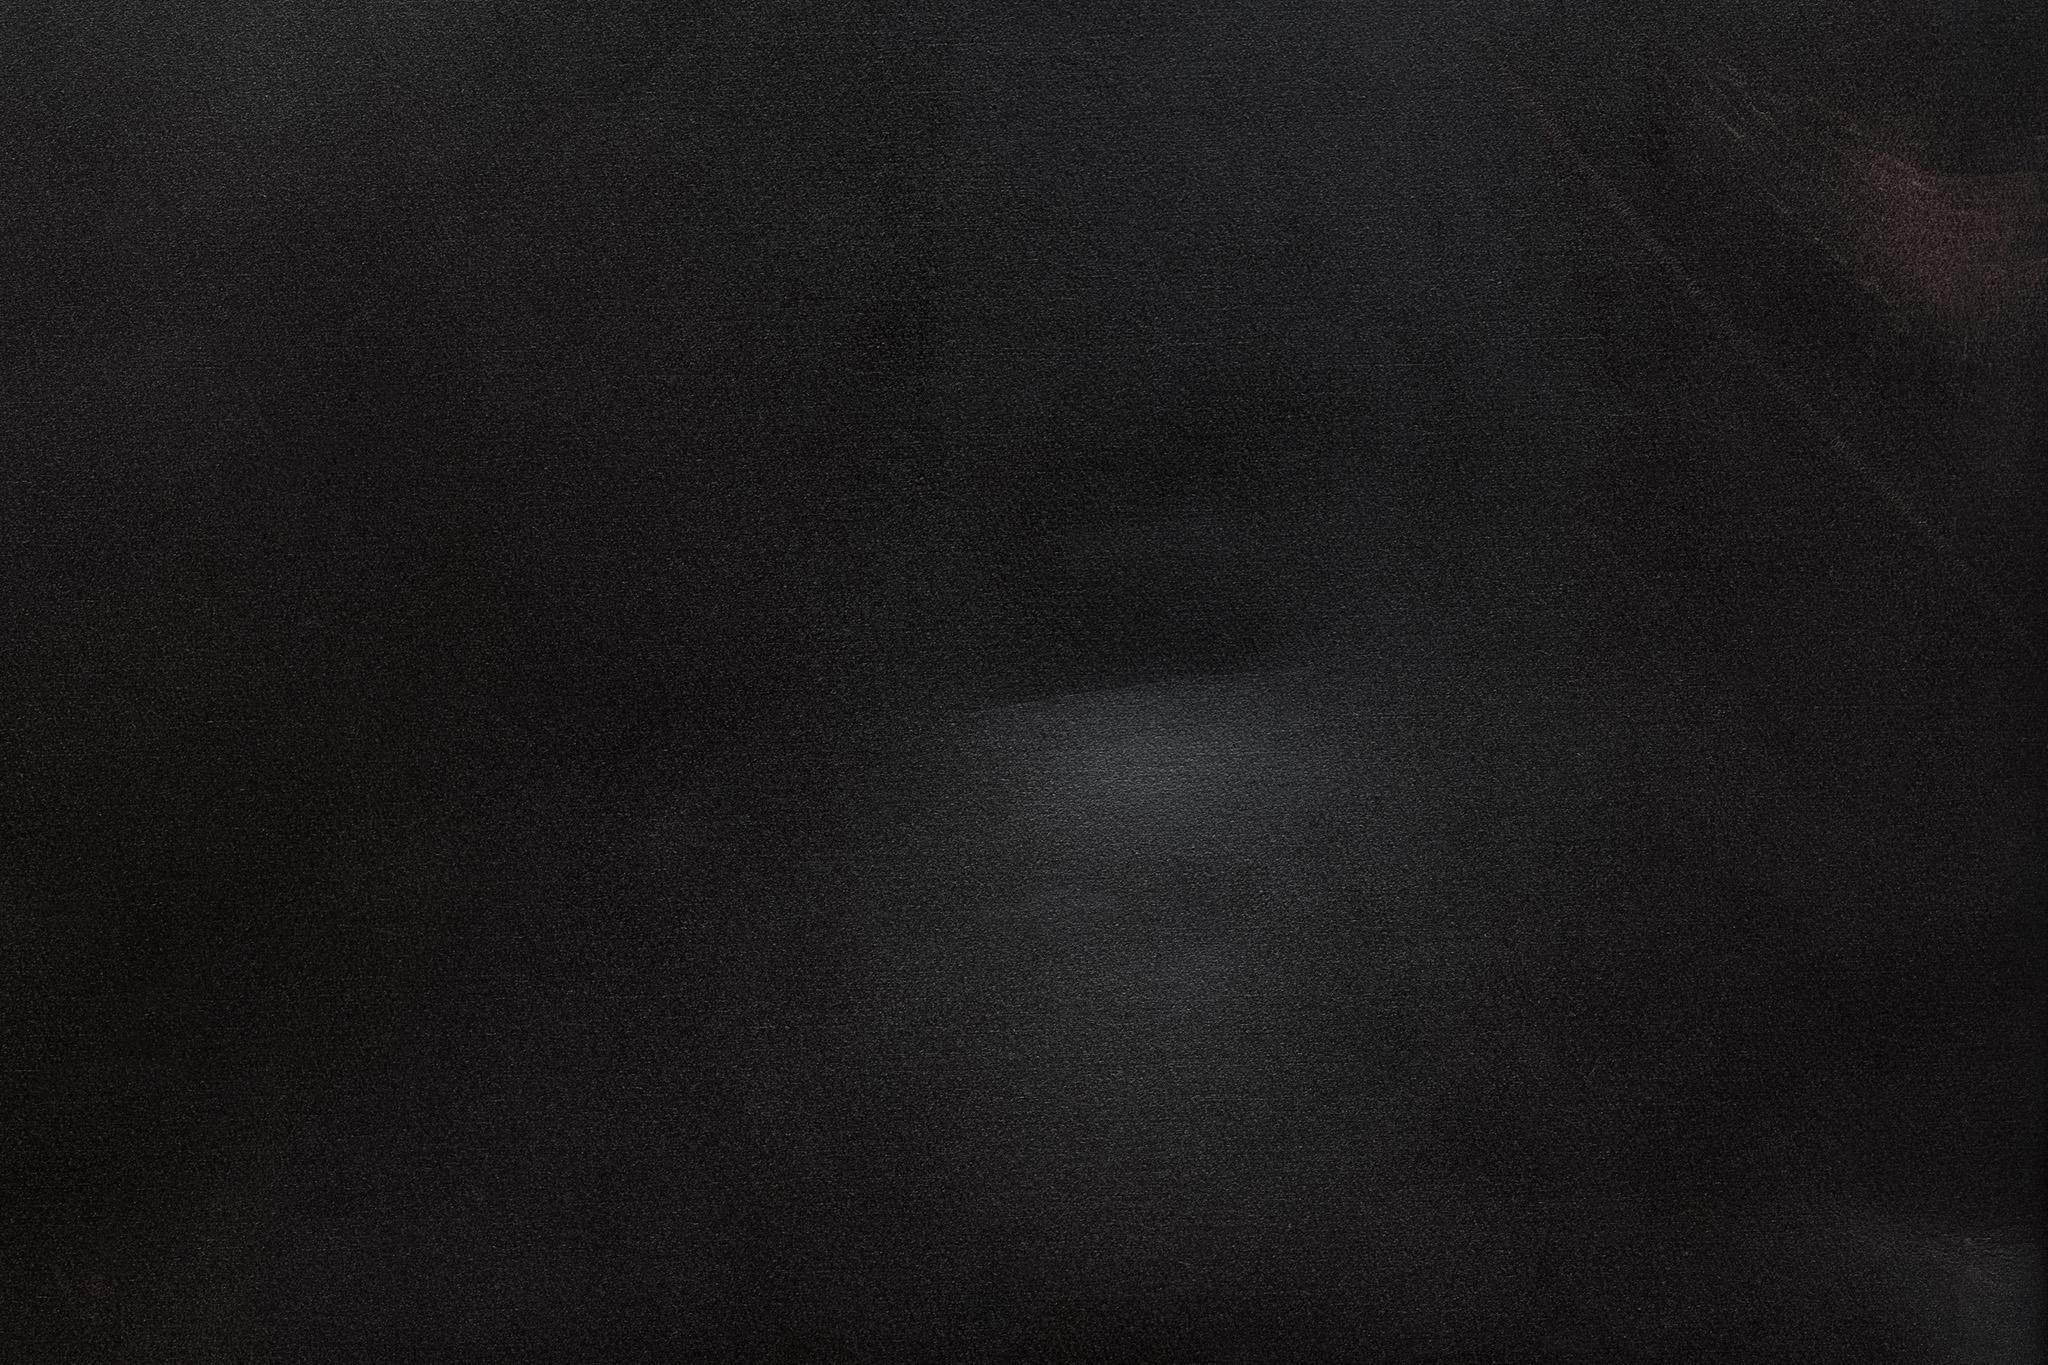 「擦りギズの入った黒い革」の素材を無料ダウンロード